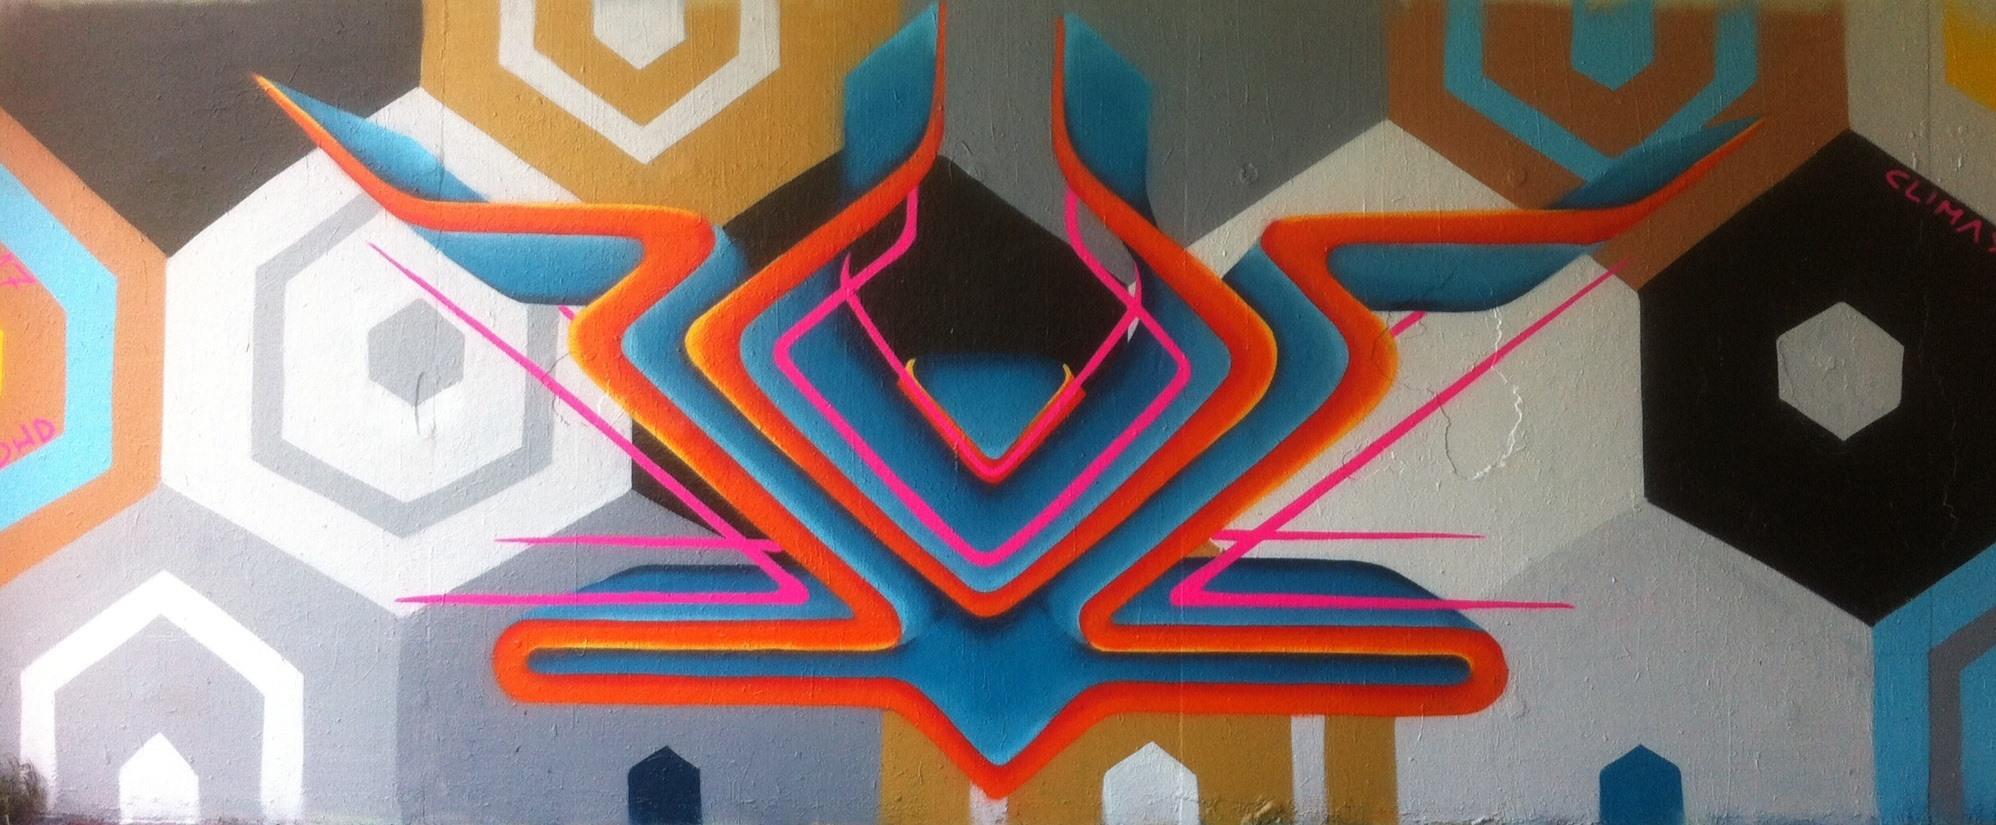 Kunstwerk gemaakt door Jeej getiteld ADHD Blue